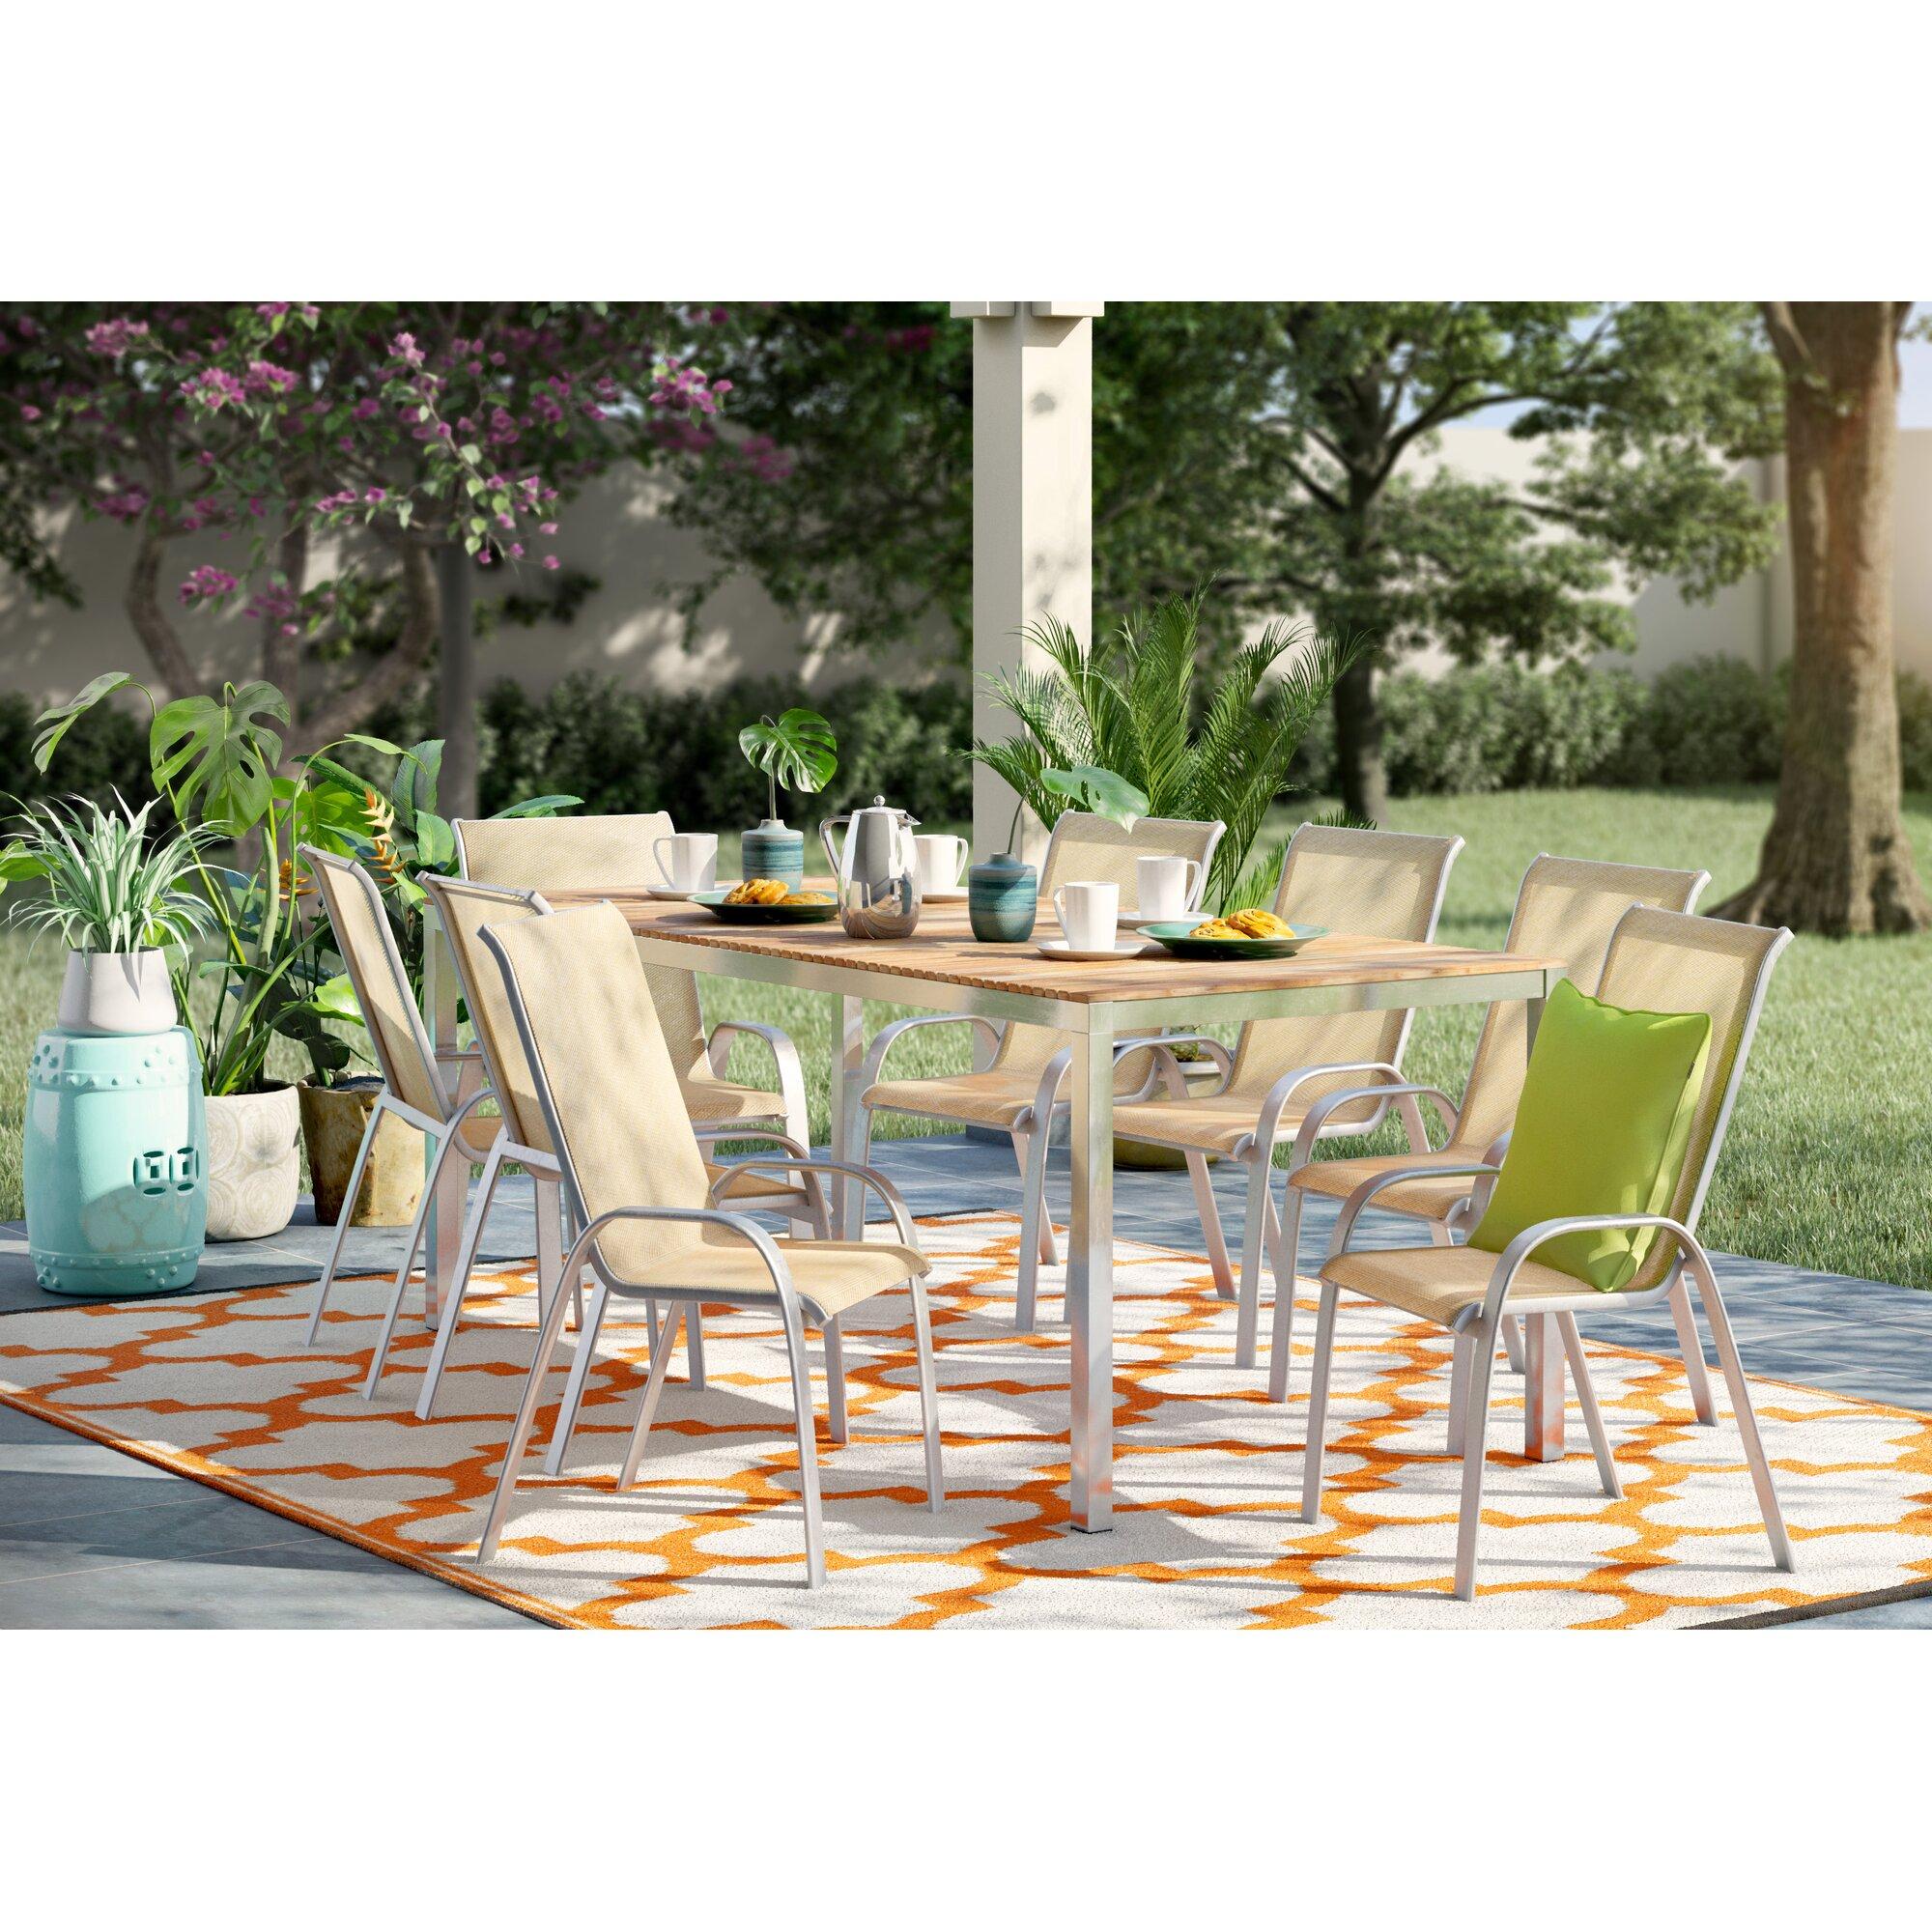 boholiving handgewebter au enteppich tangier in orange. Black Bedroom Furniture Sets. Home Design Ideas